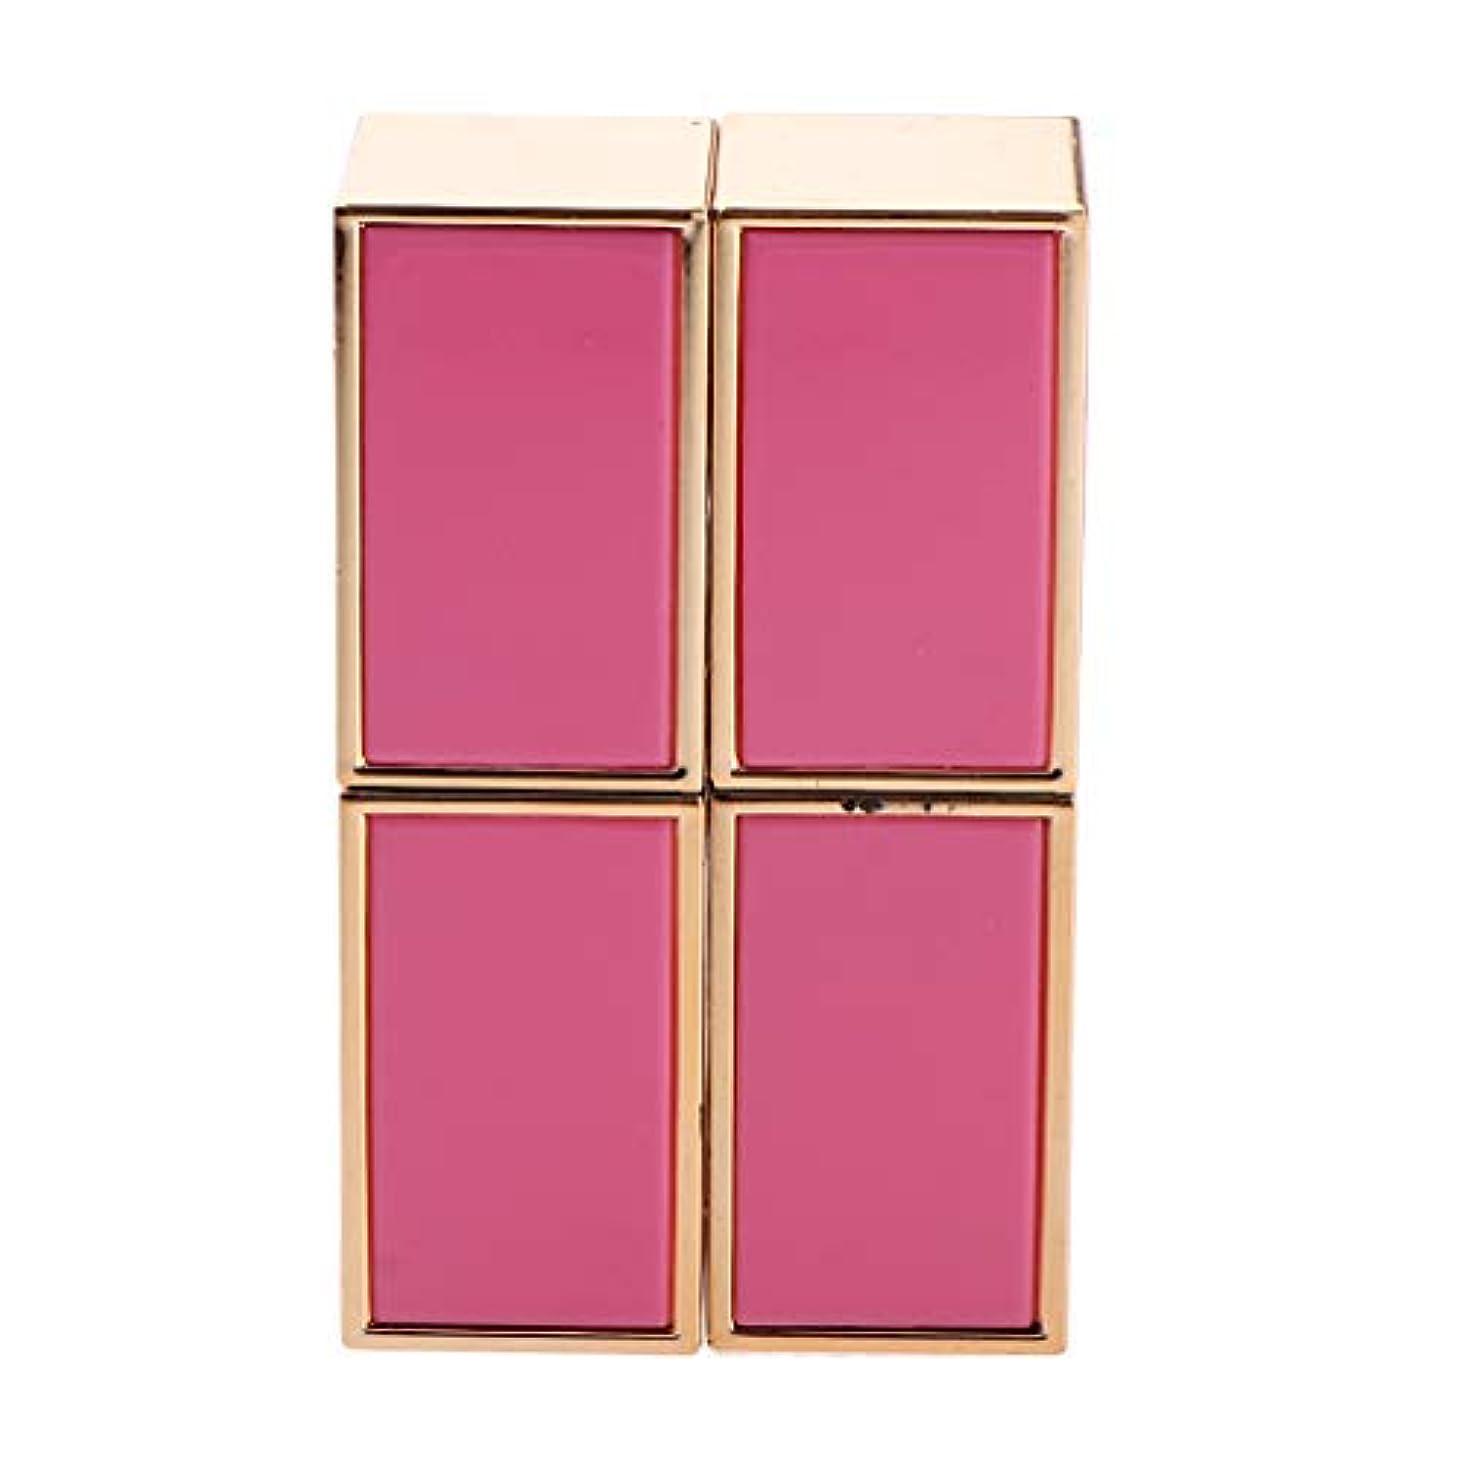 広告主良性喜び口紅 容器 空 口紅チューブ 口紅コンテナ リップグロス管 手作り口紅容器 固体香水 2色選べ - ピンク